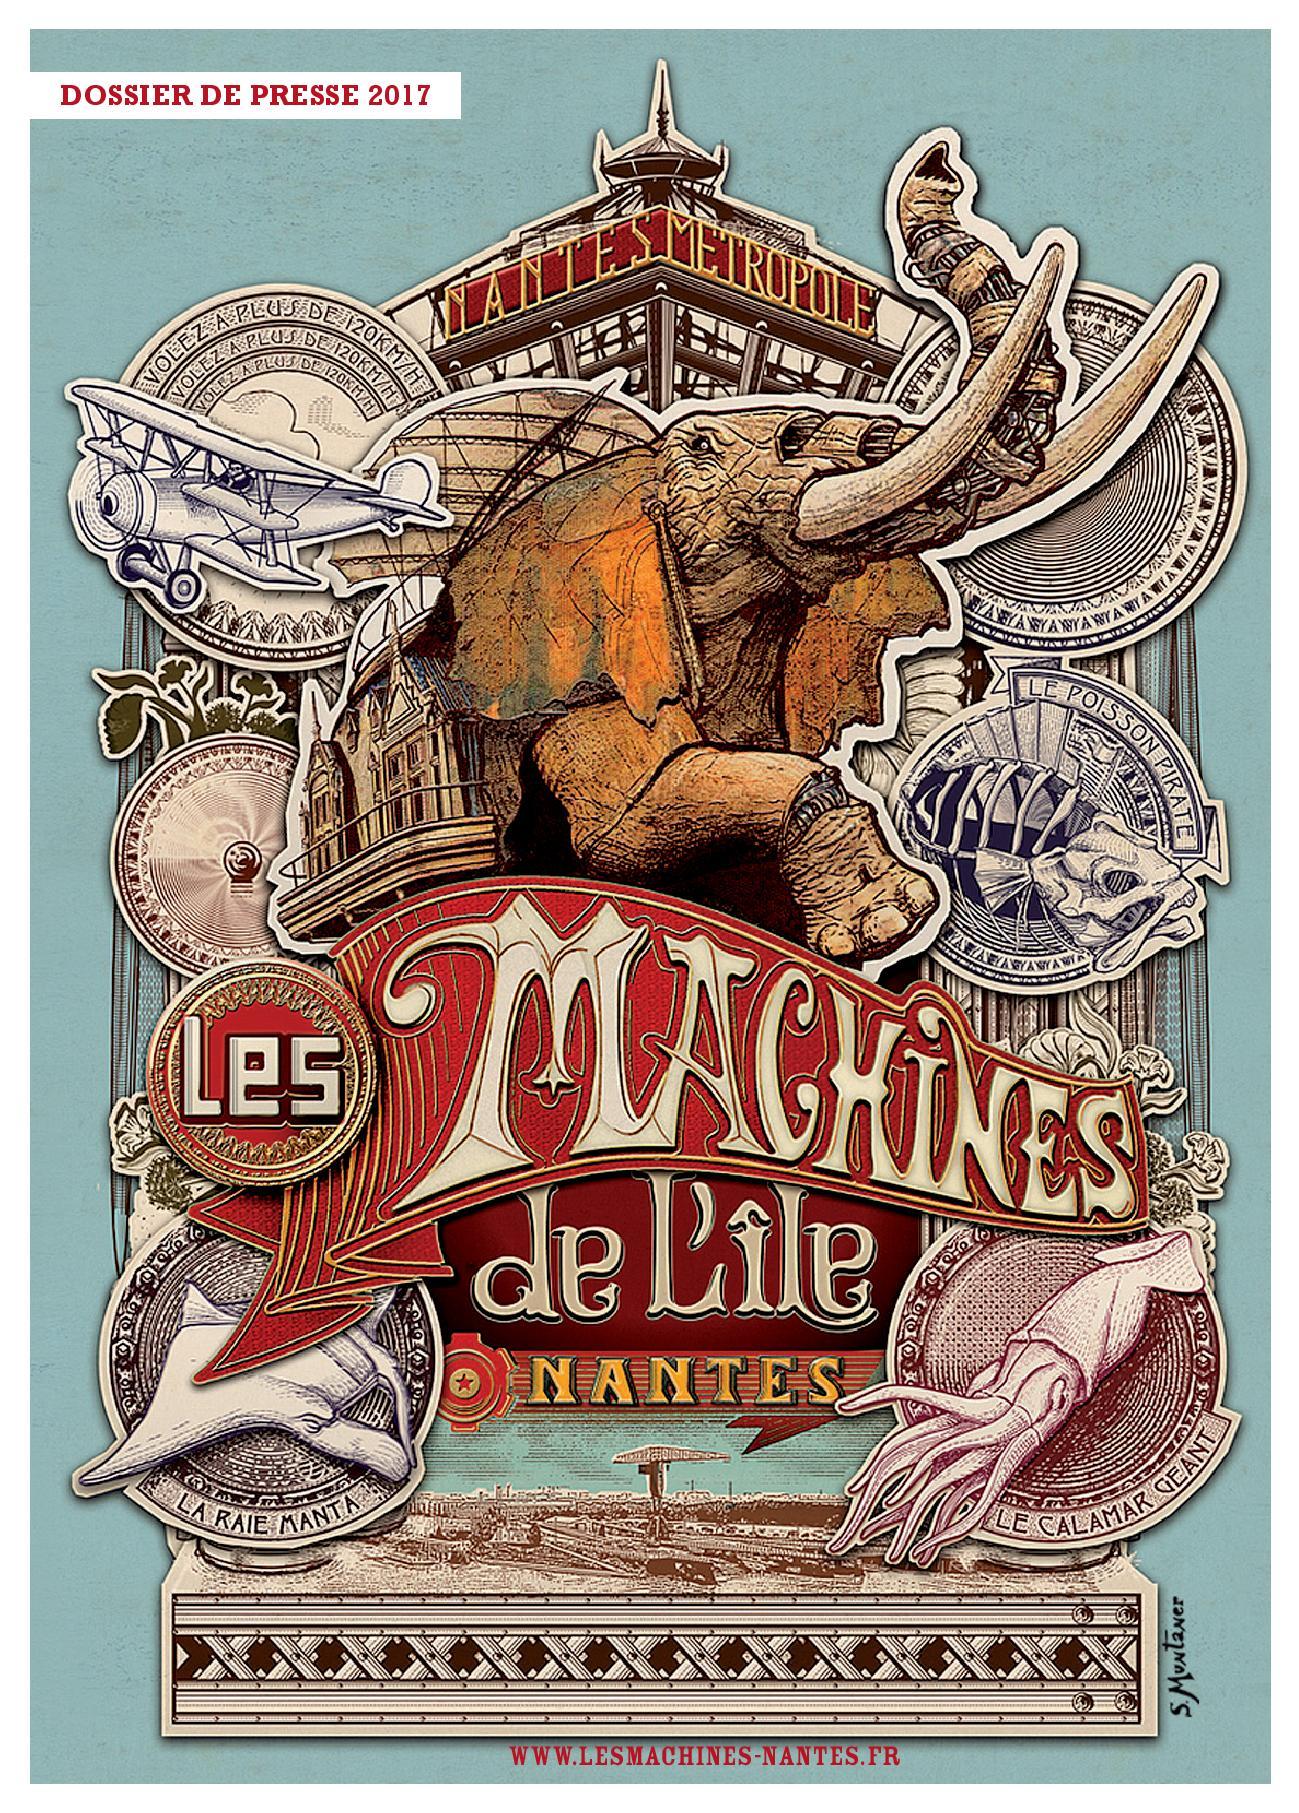 Lieux Mythiques de la Francophonie 139 à 171 (Mai 2016 - Juin 2018) - Page 69 Dossie10